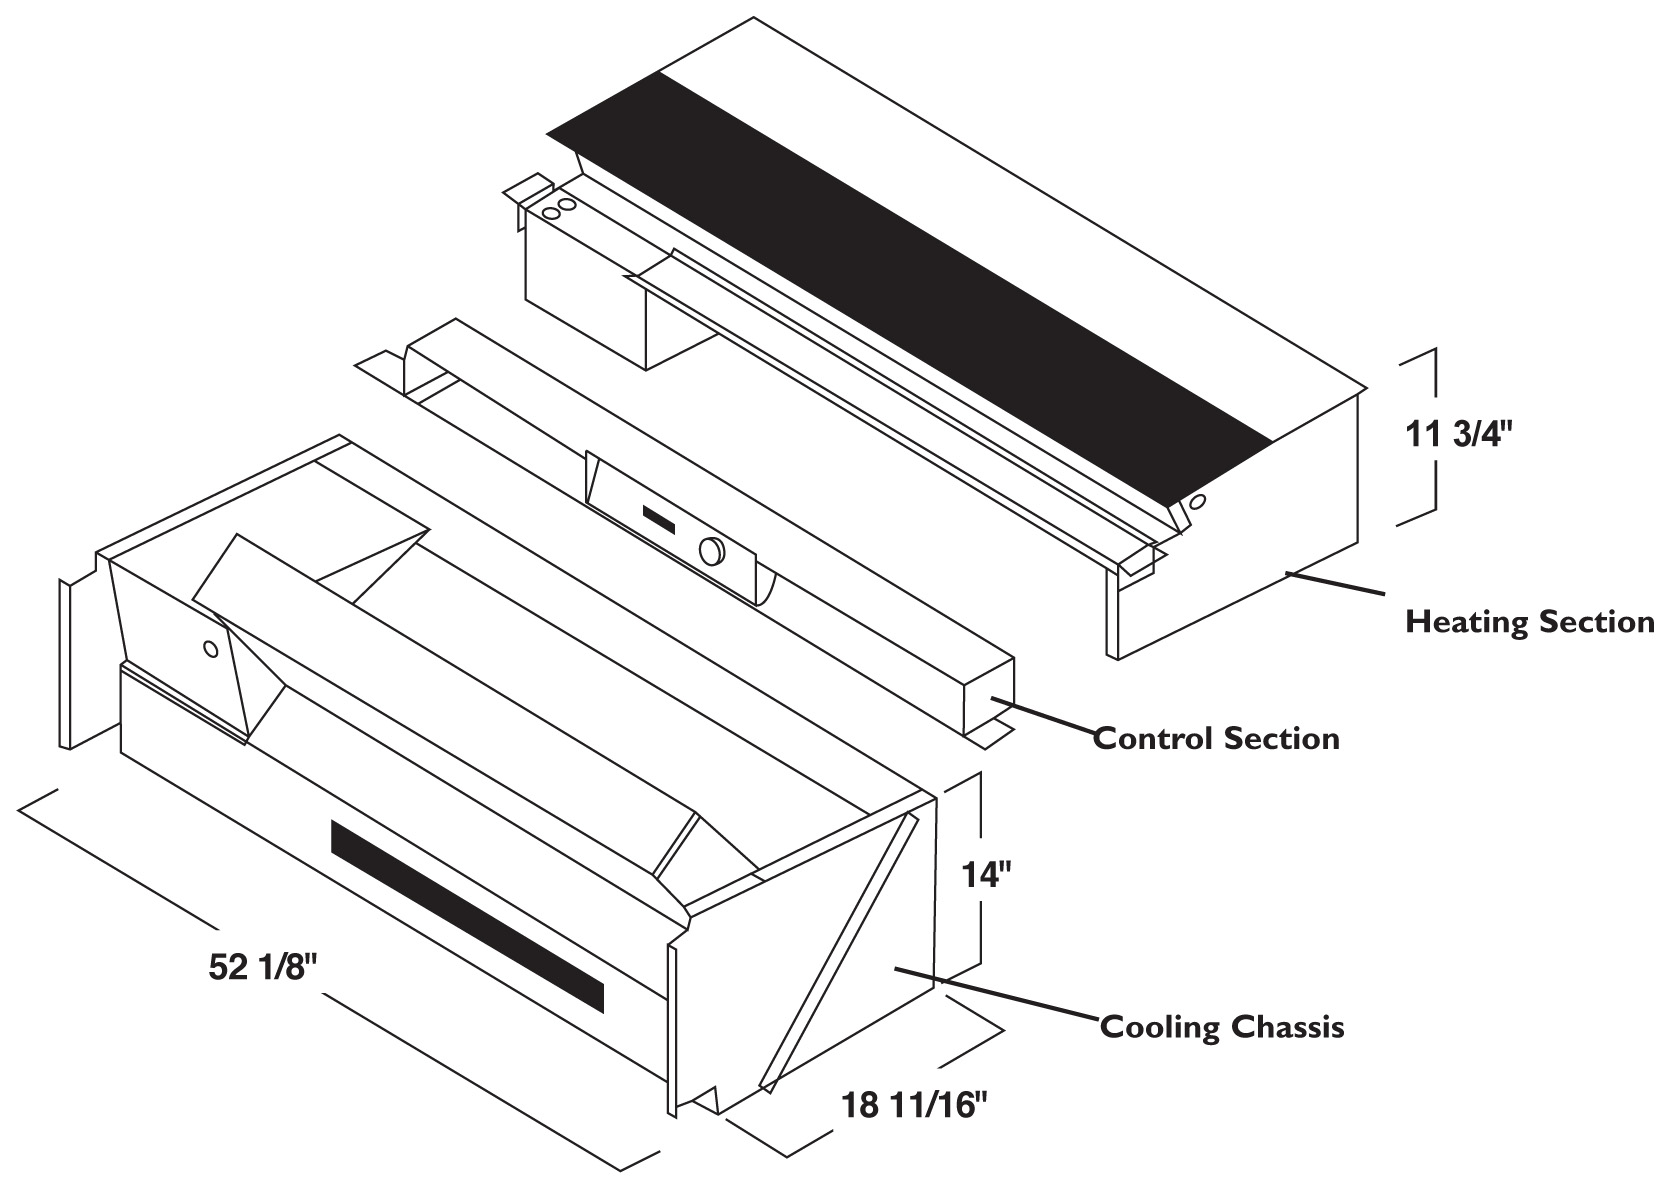 Islandaire Wiring Diagrams Best Part Of Wiring Diagram